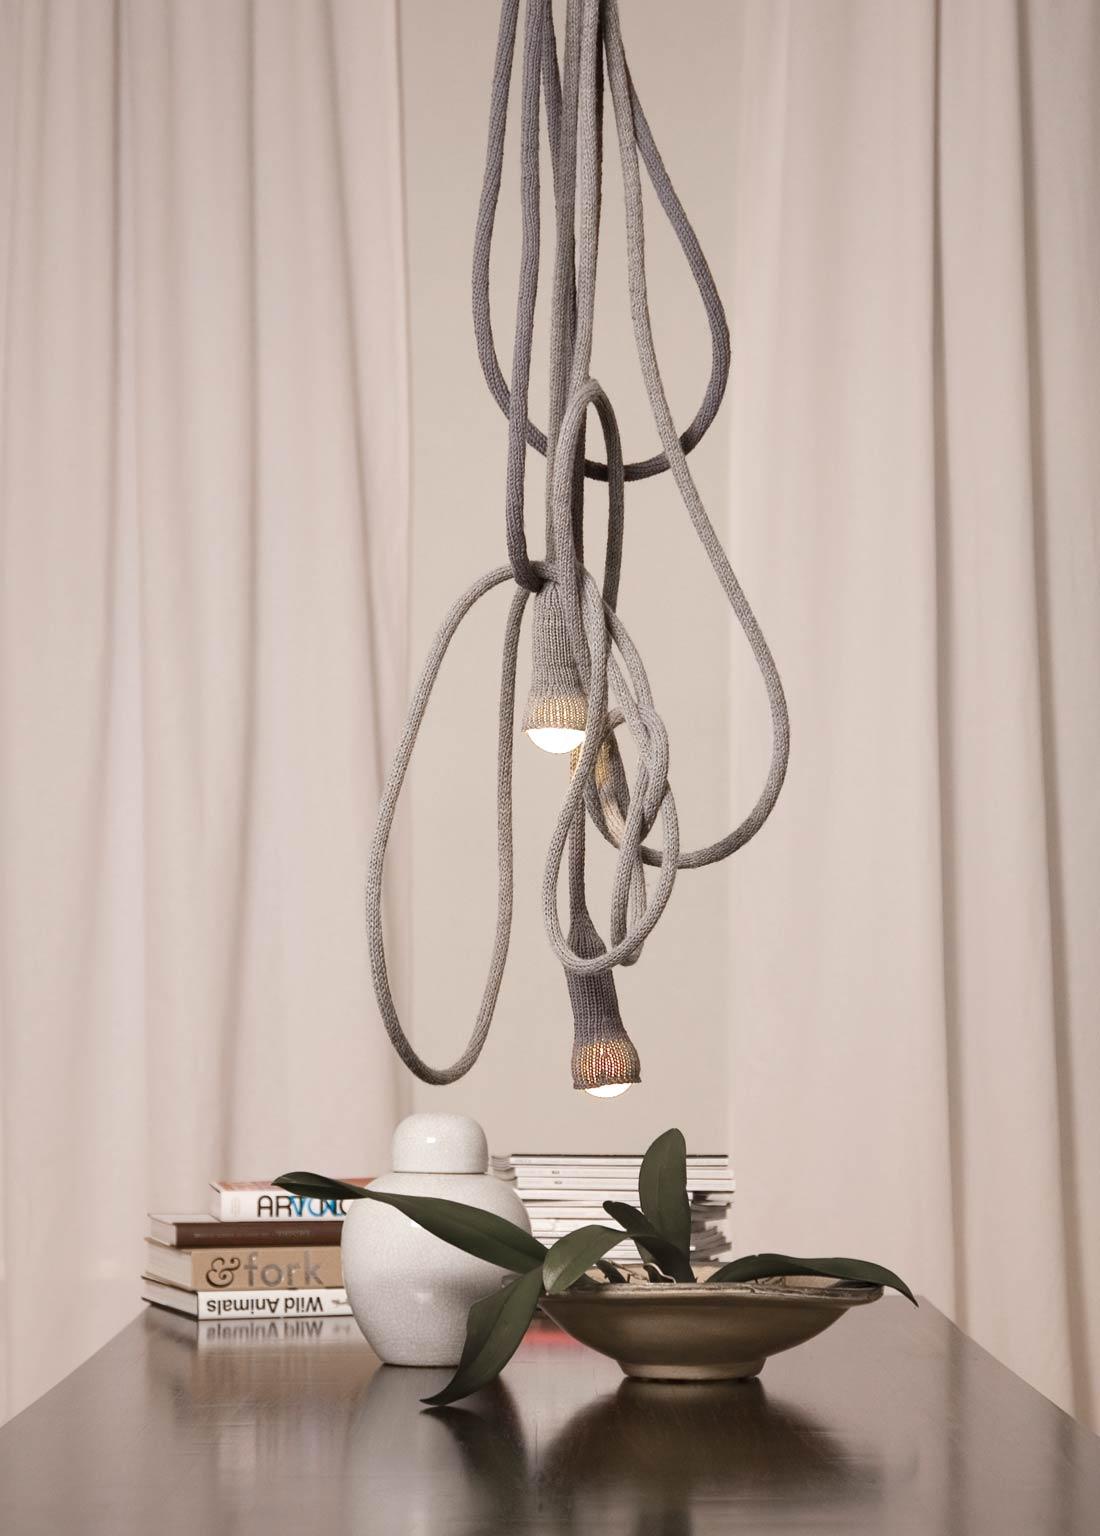 LLOT LLOV design studio knitted lights